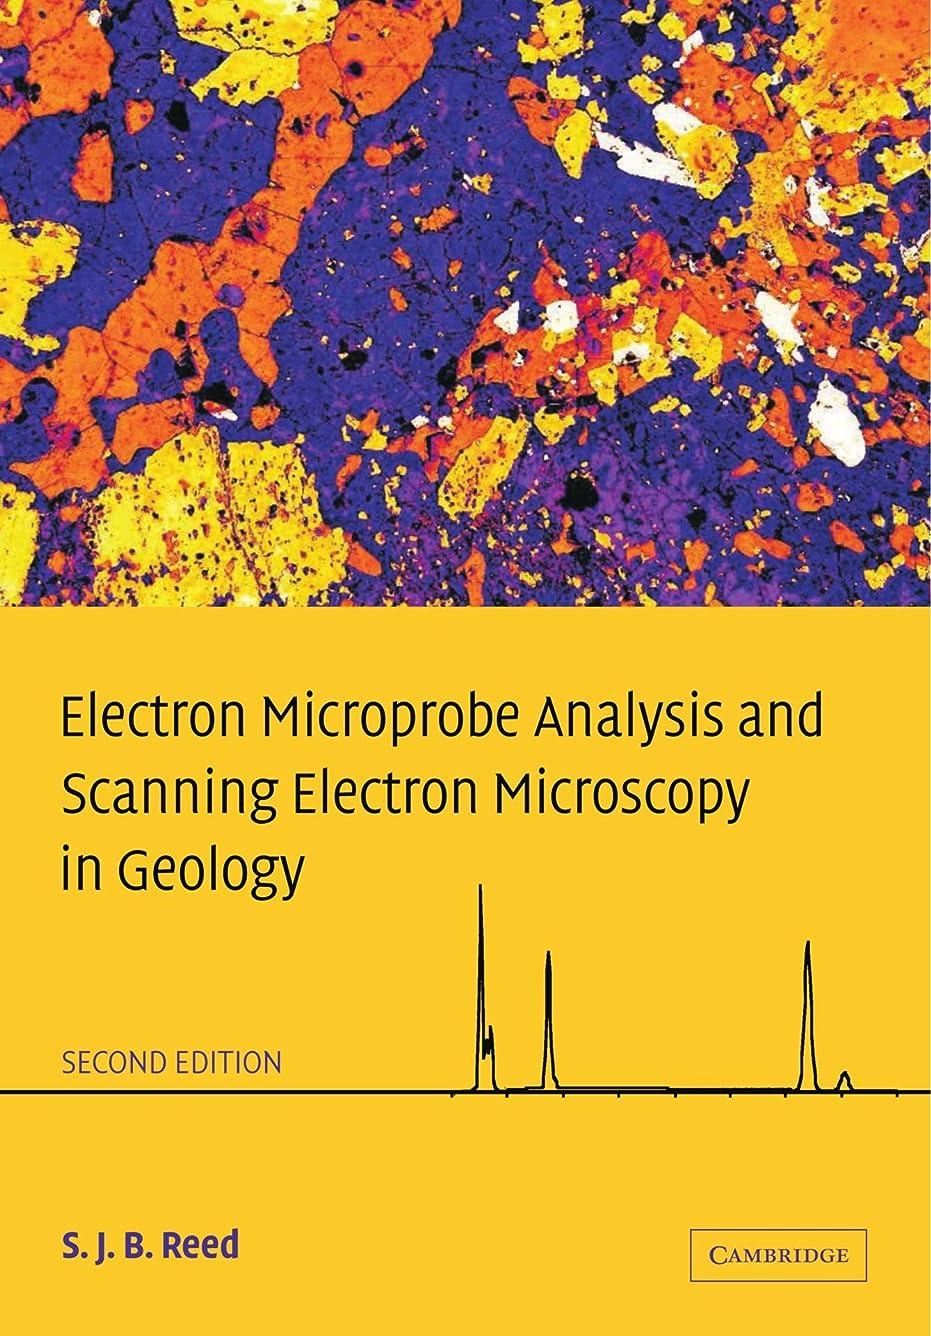 シールド成功した差し迫ったElectron Microprobe Analysis and Scanning Electron Microscopy in Geology